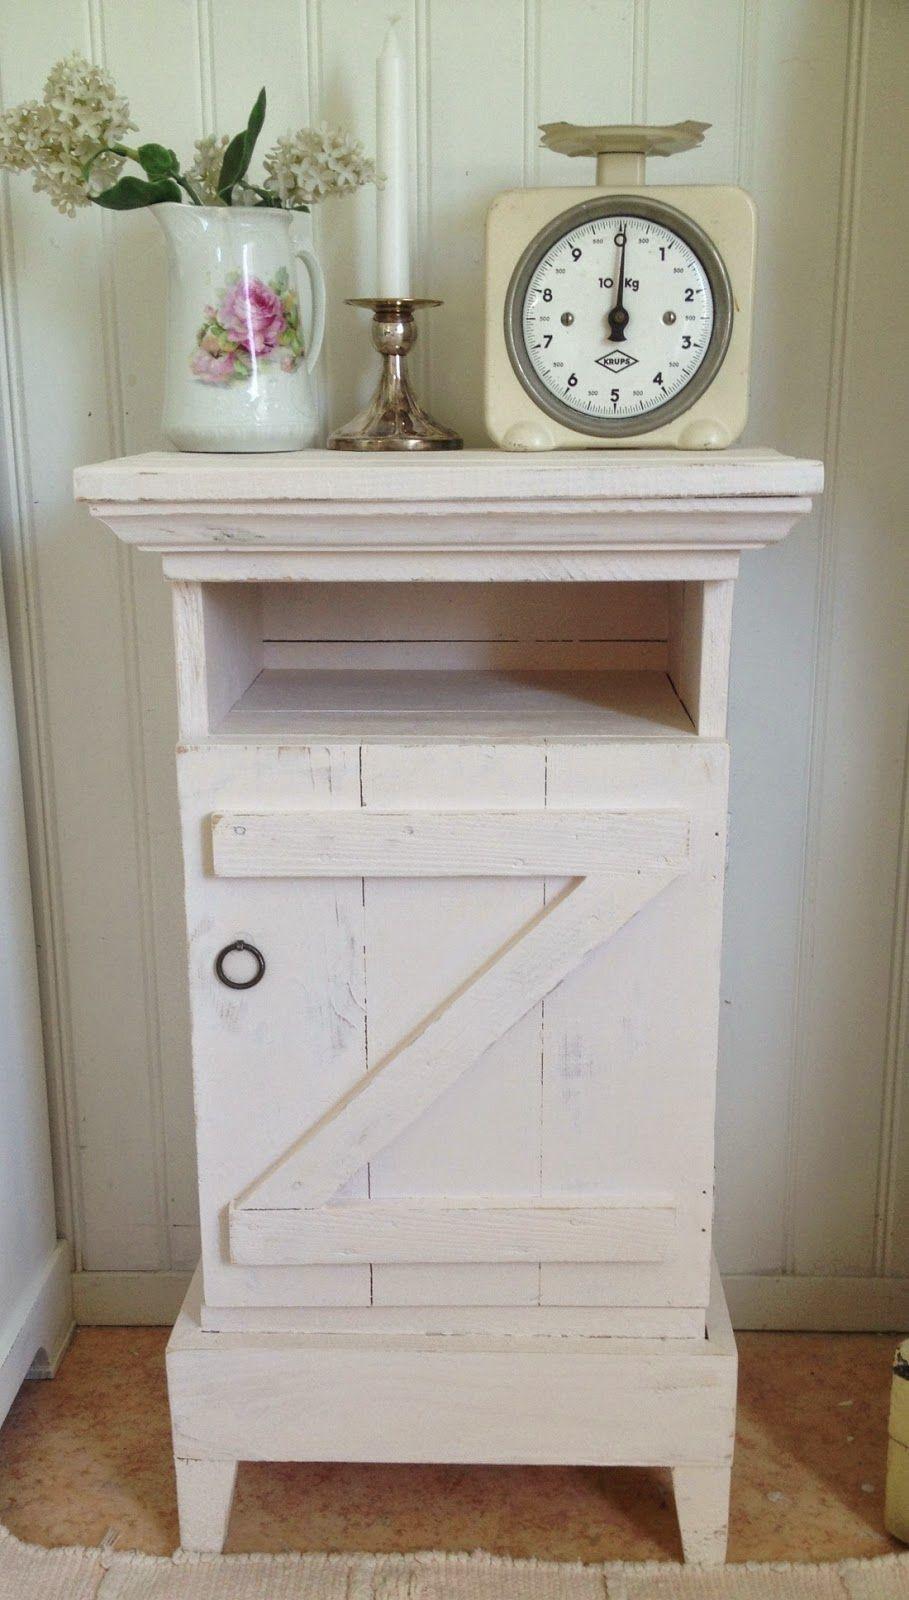 HIMLARUM - möbler shabby chic : Vänd dörr gav nytt skåp ...